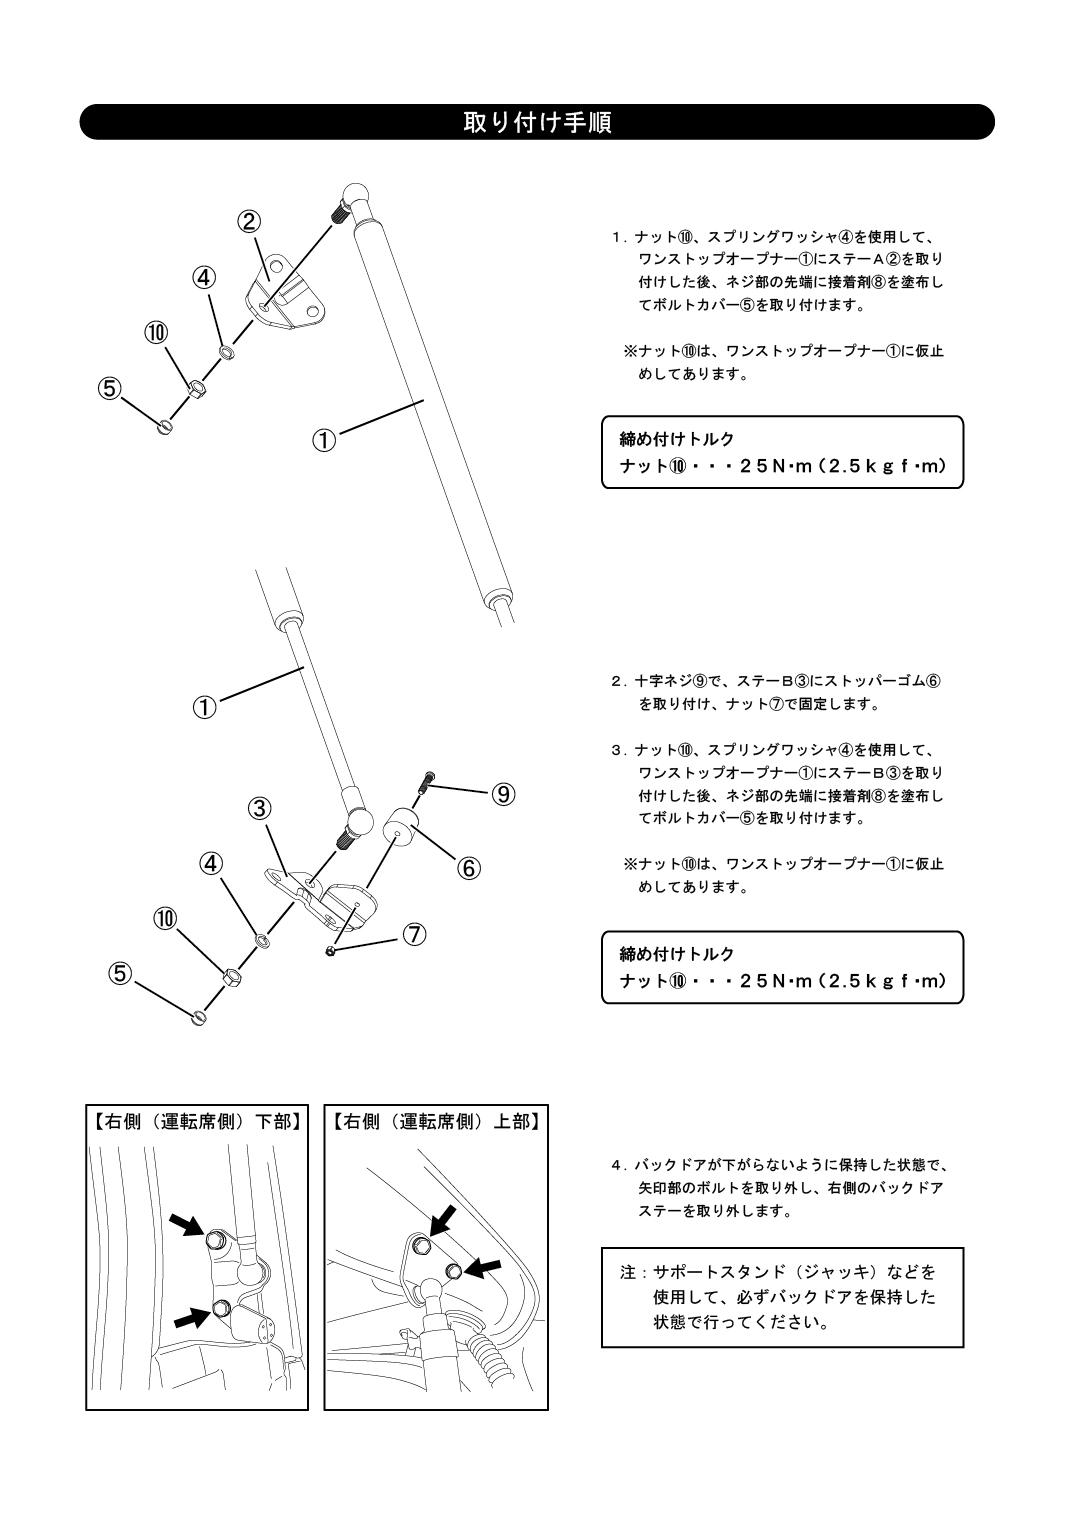 【クイックワンストップオープナー】 ハイエース専用 / QOP-T01